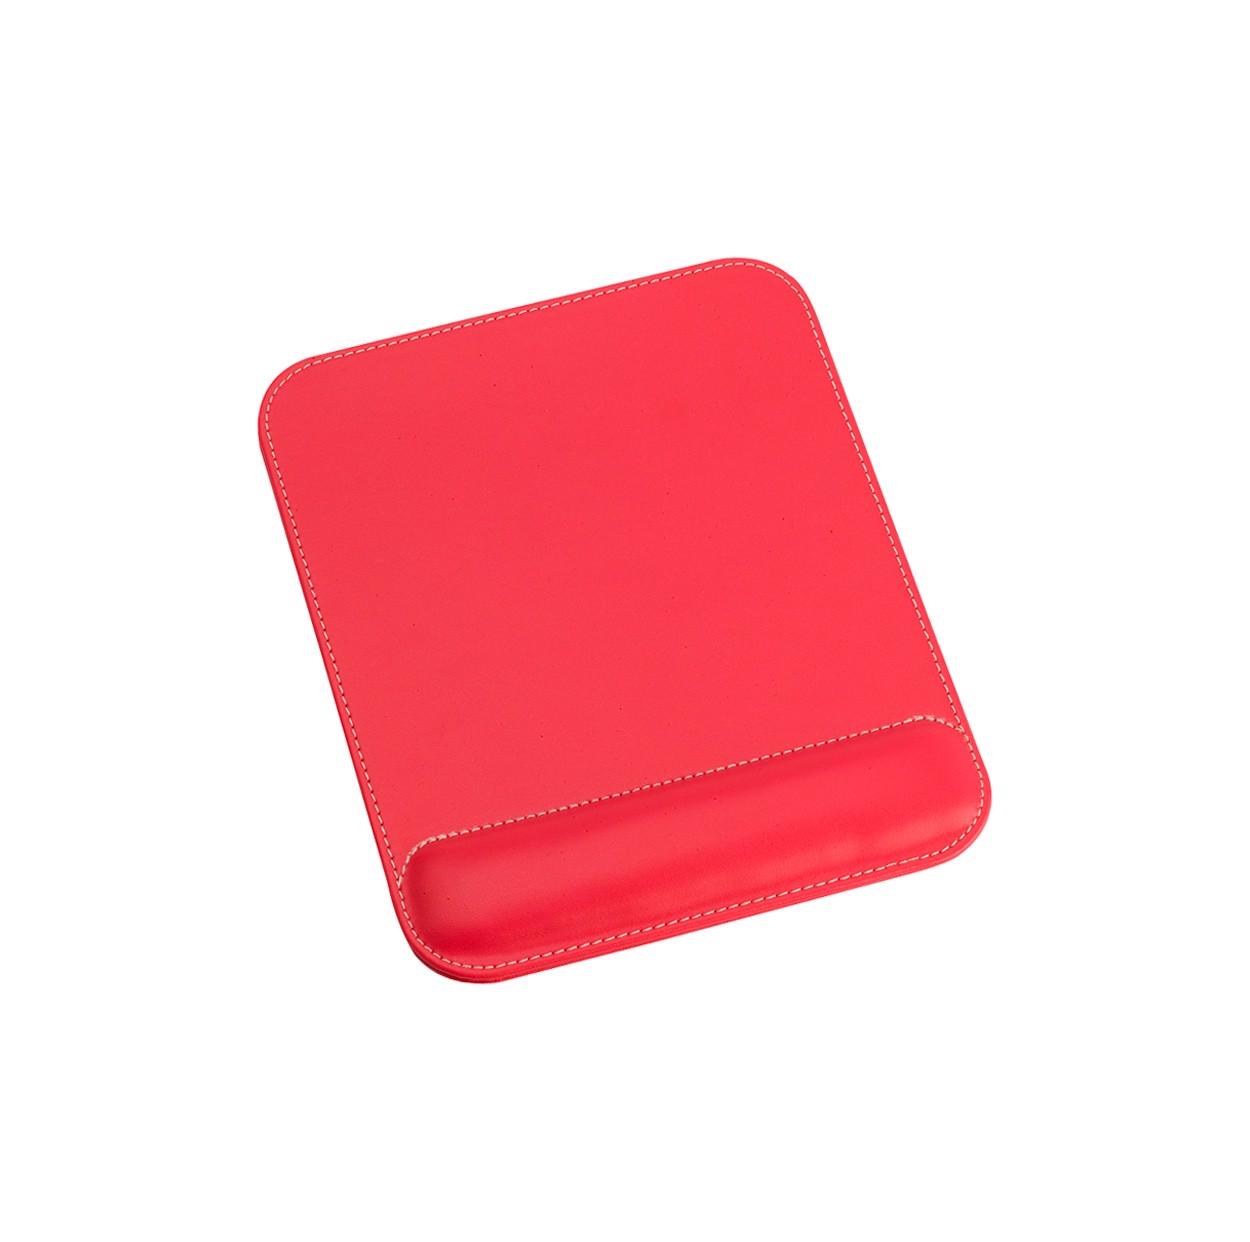 Suport Soarece Calculator Gong - Roșu